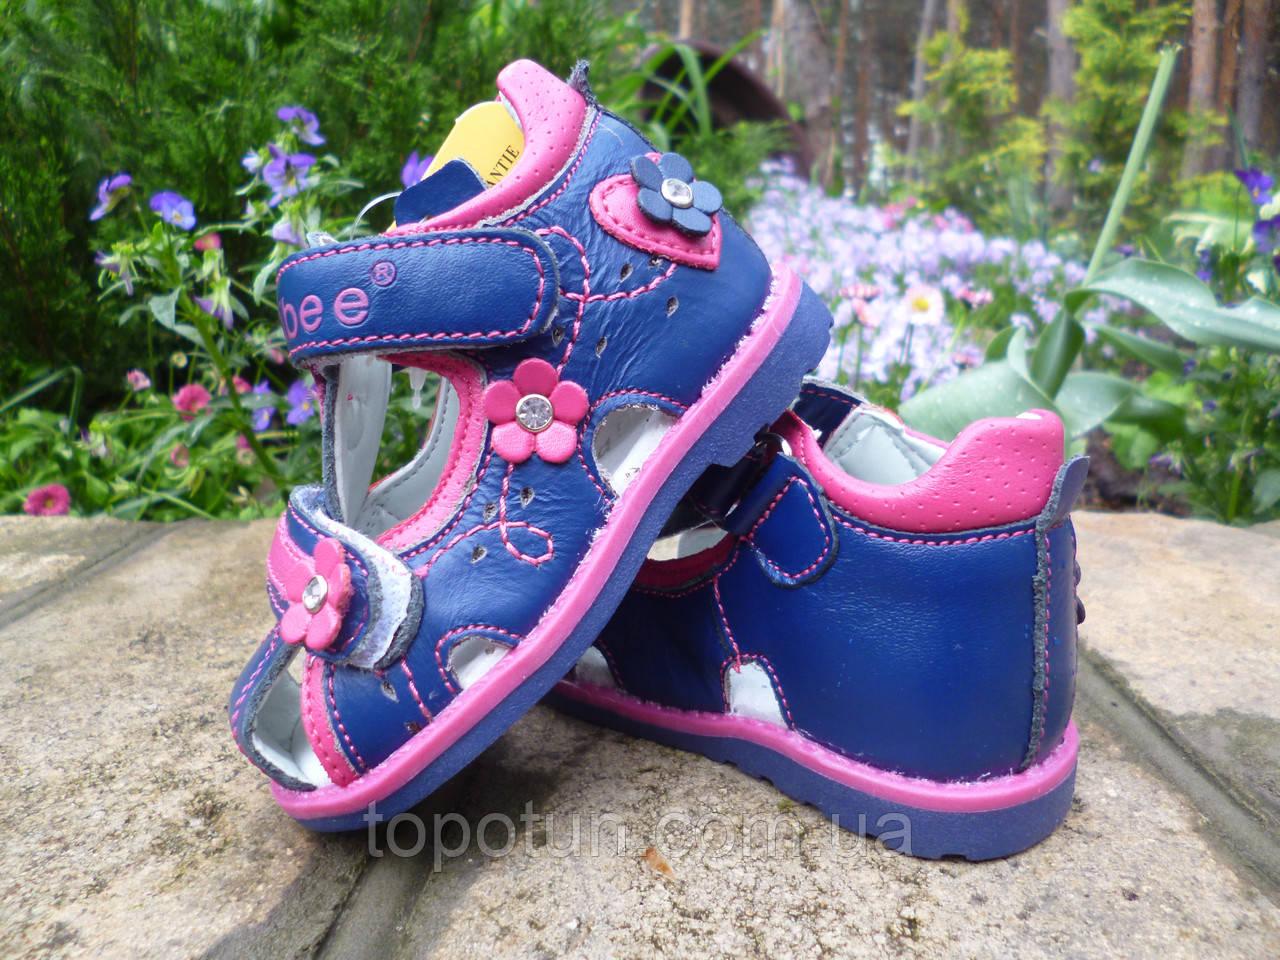 """Детские сандалии для девочек """"Clibee"""" Размер: 19,20,21,22,23,24"""